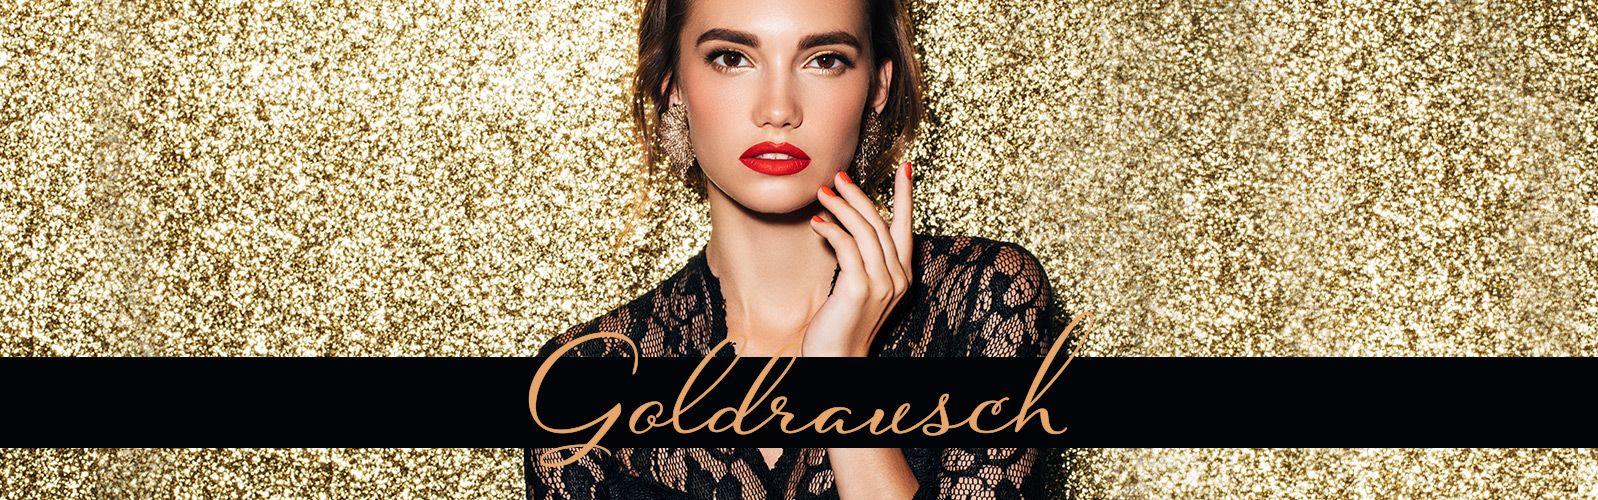 GOLDRAUSCH Schmuck